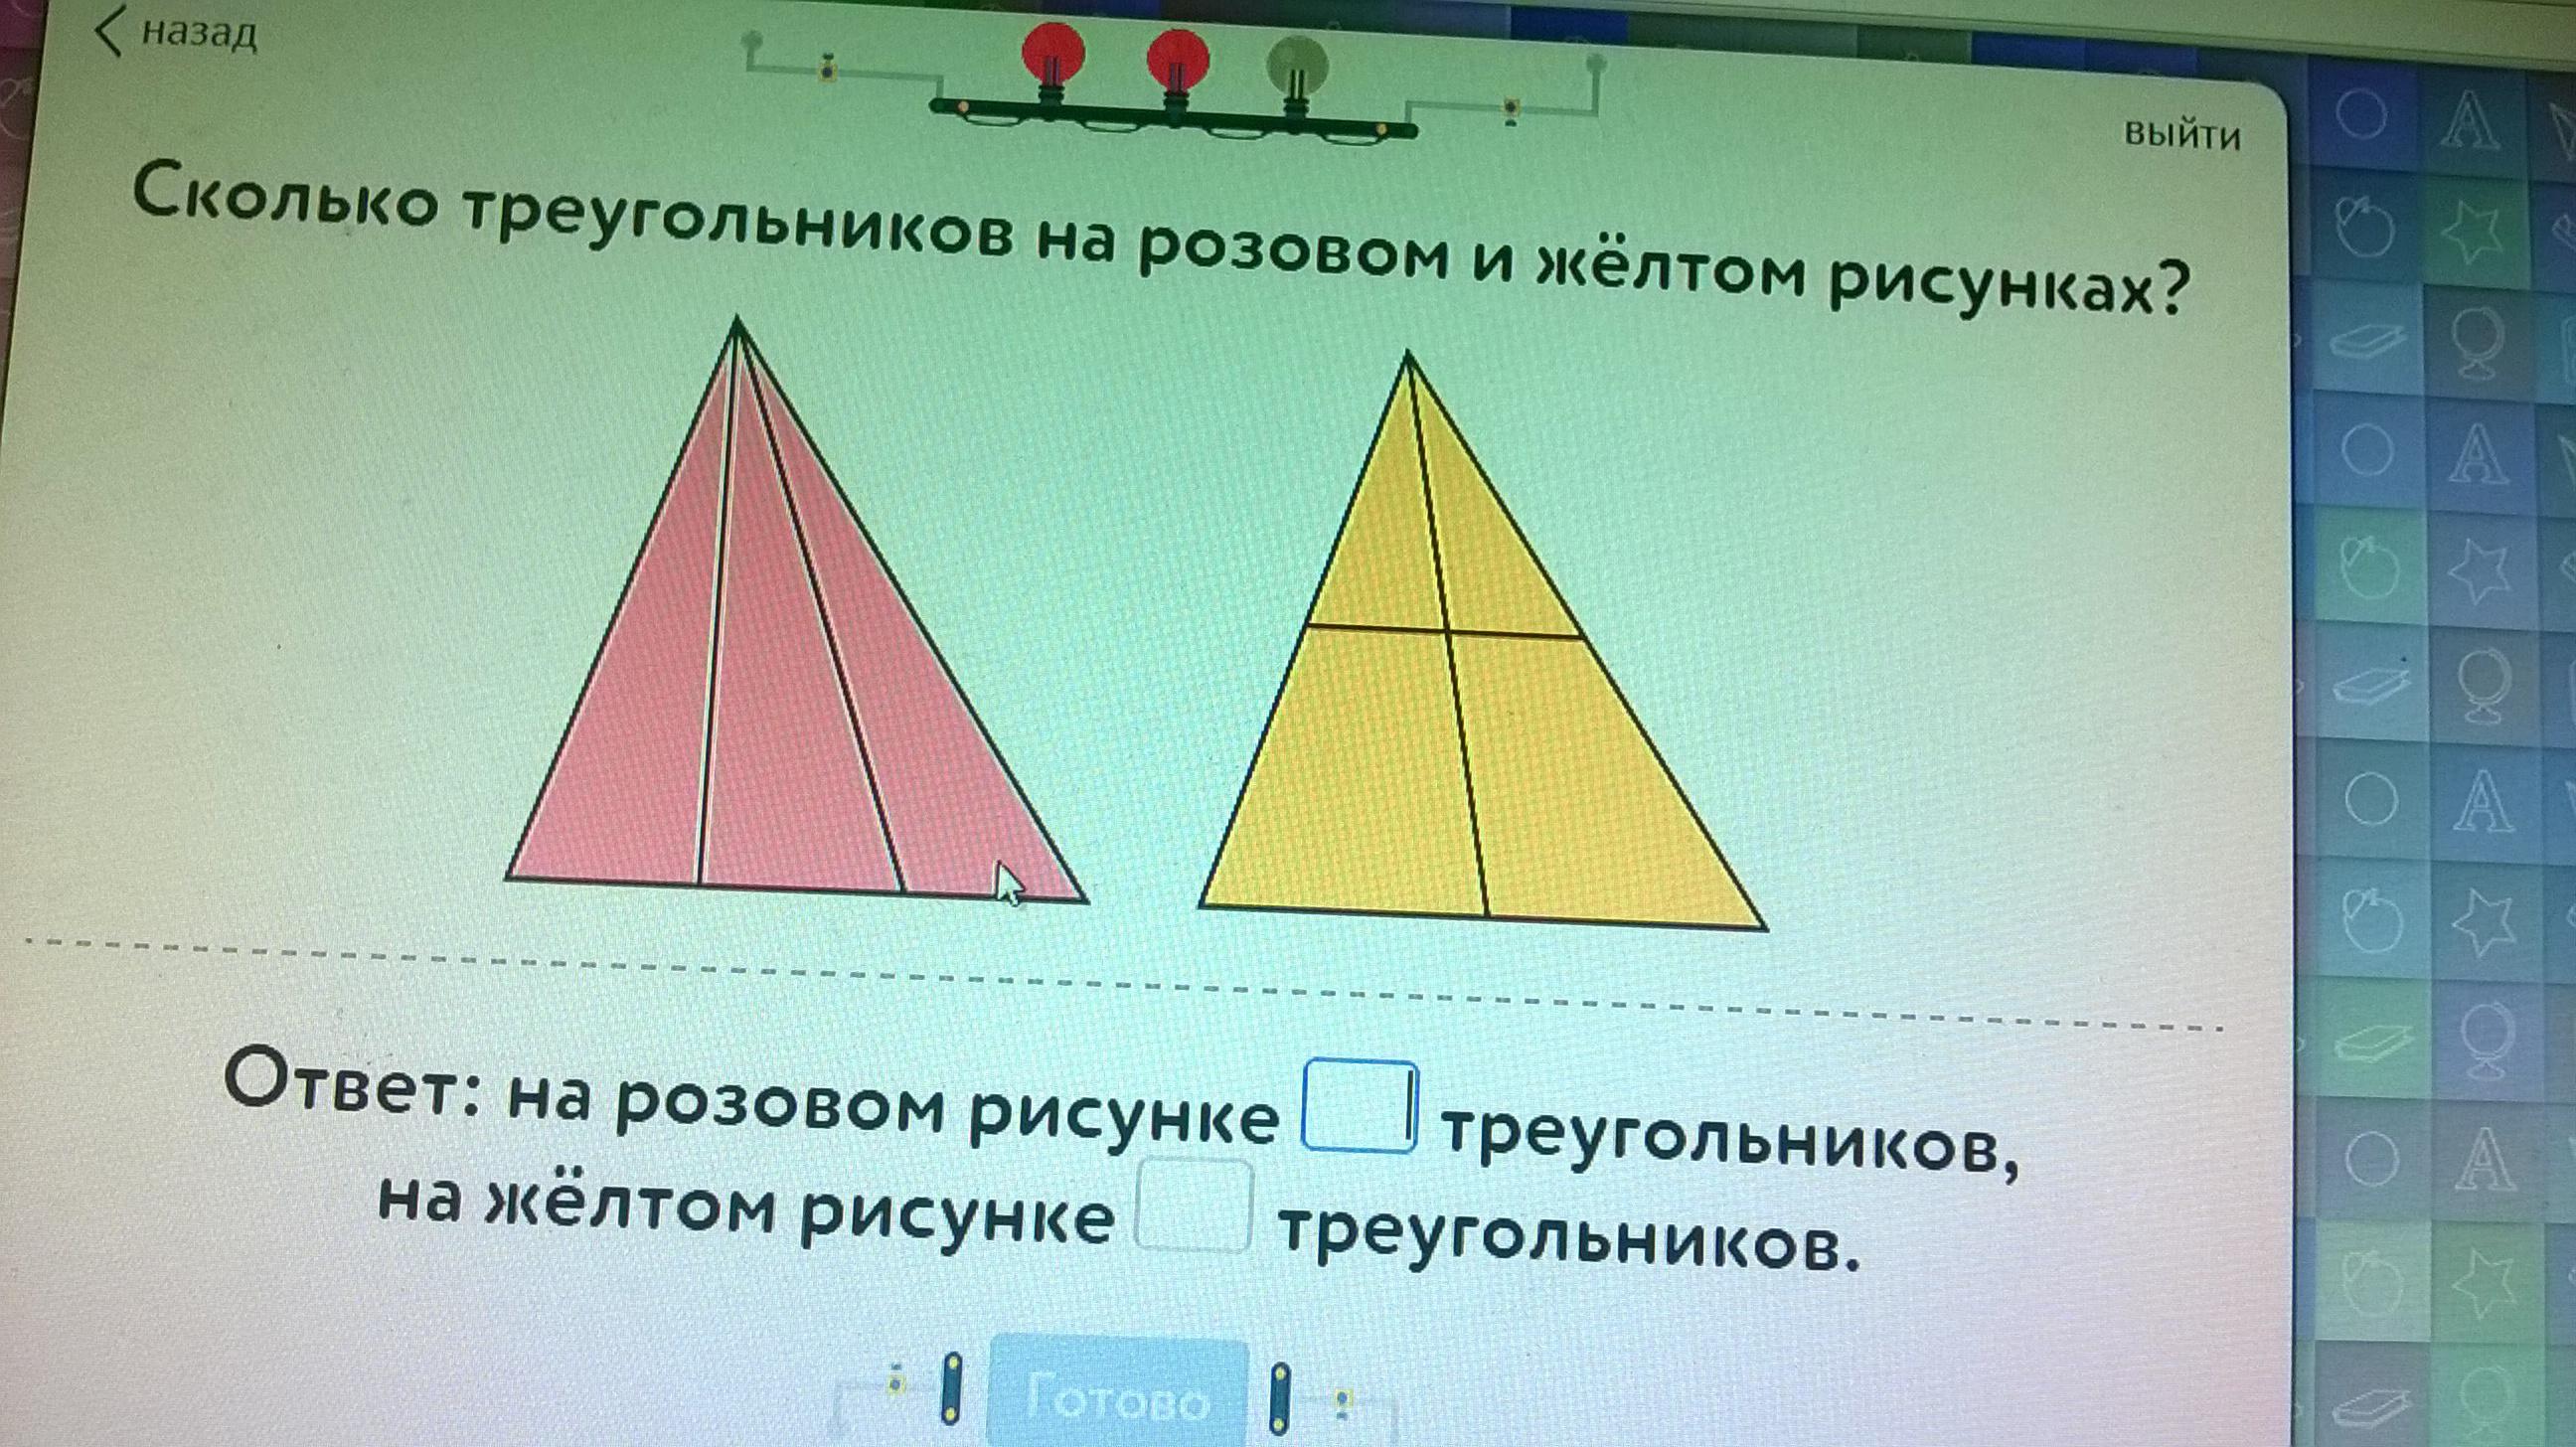 в картинке можно увидеть треугольники ваня поднялся сцену